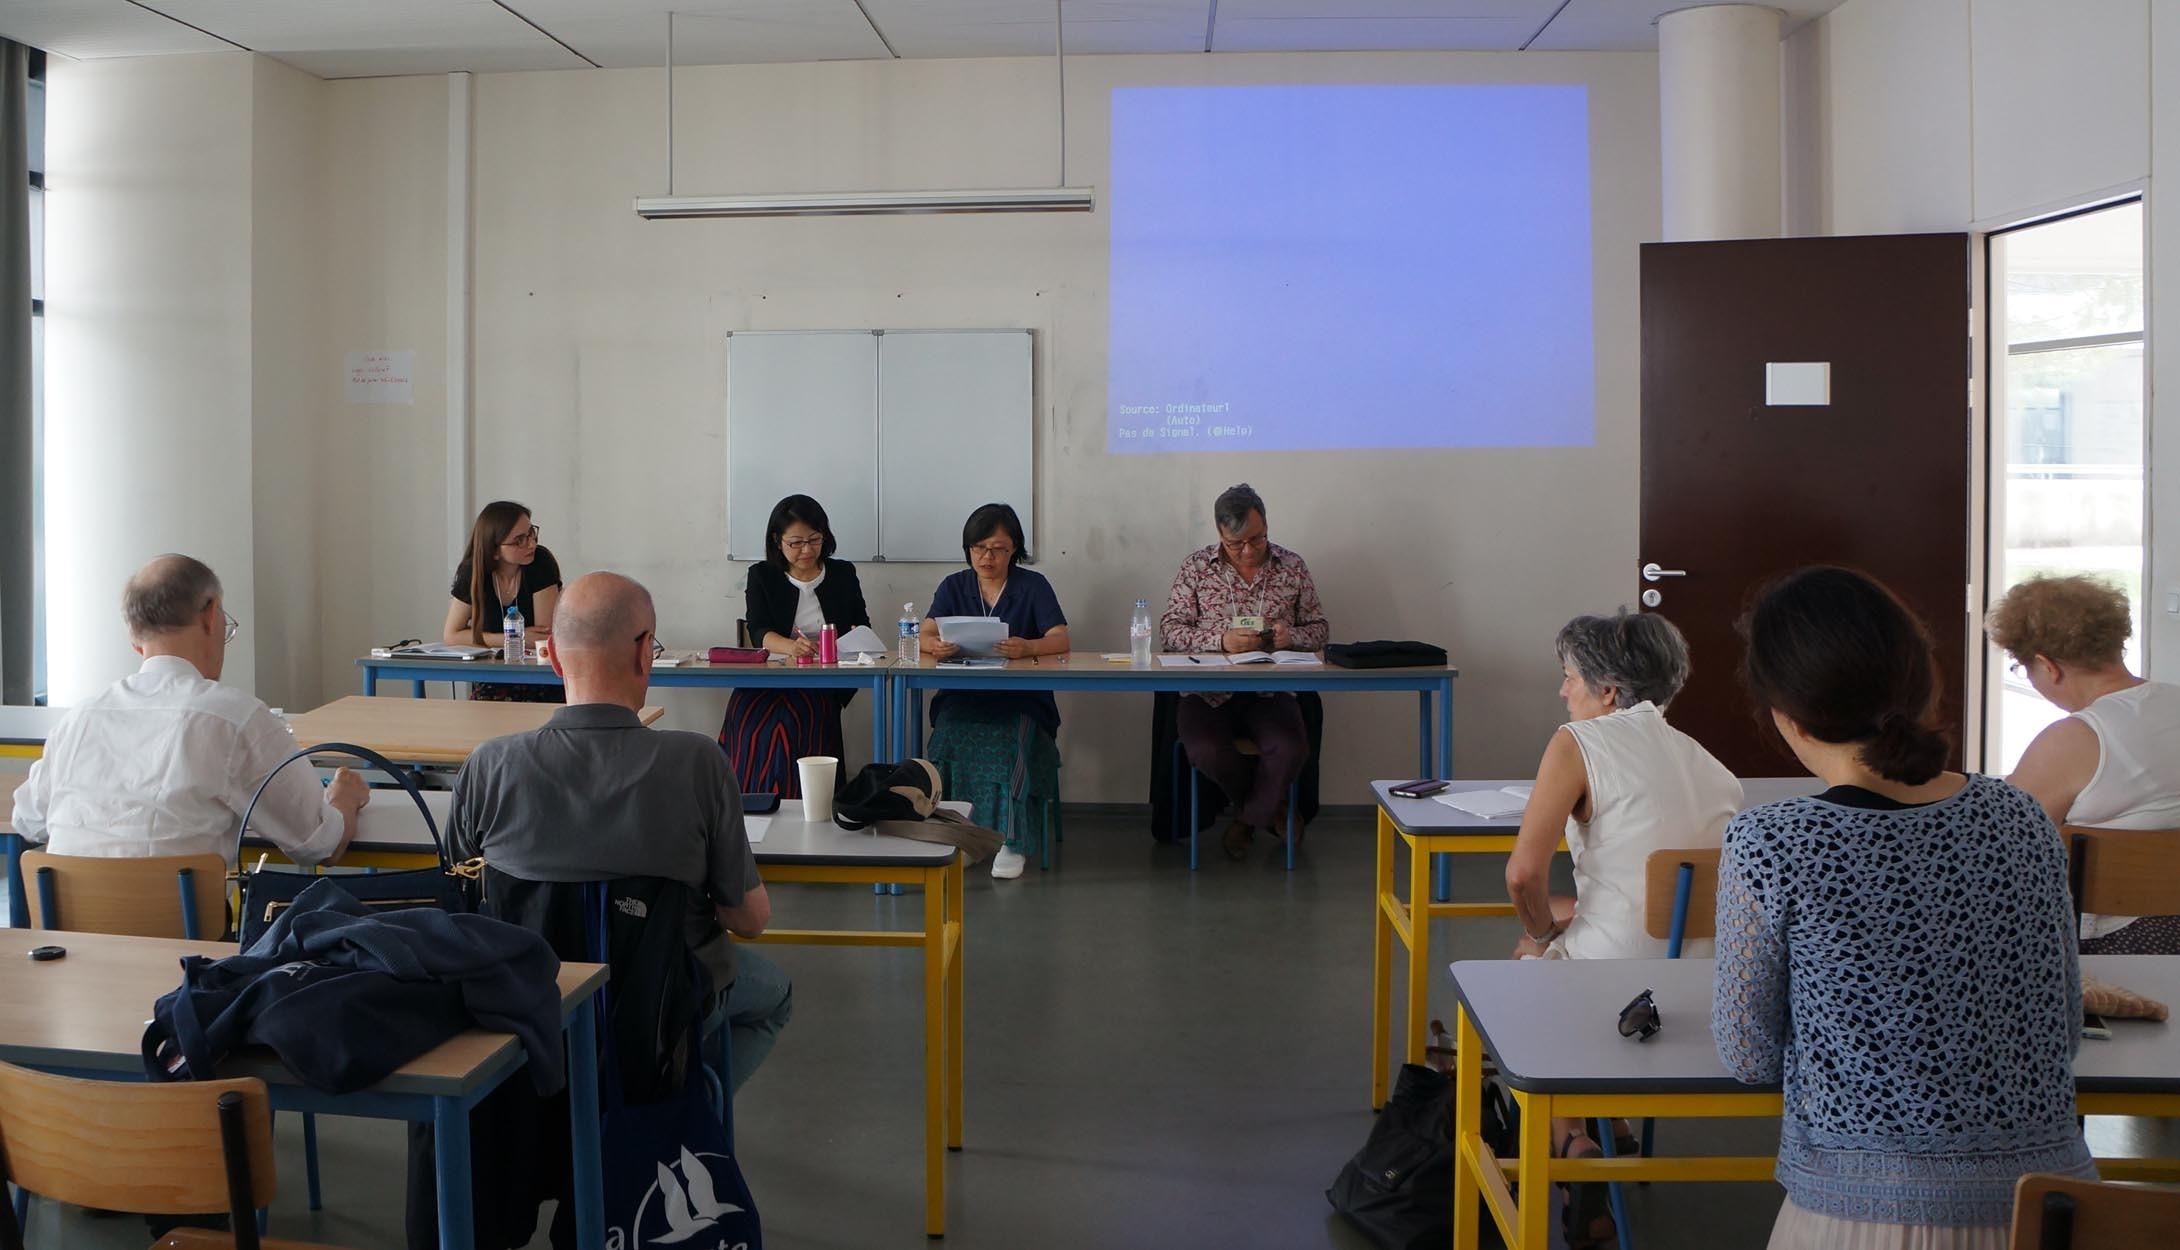 ジル・デュピュイ準会員と報告者のセッション